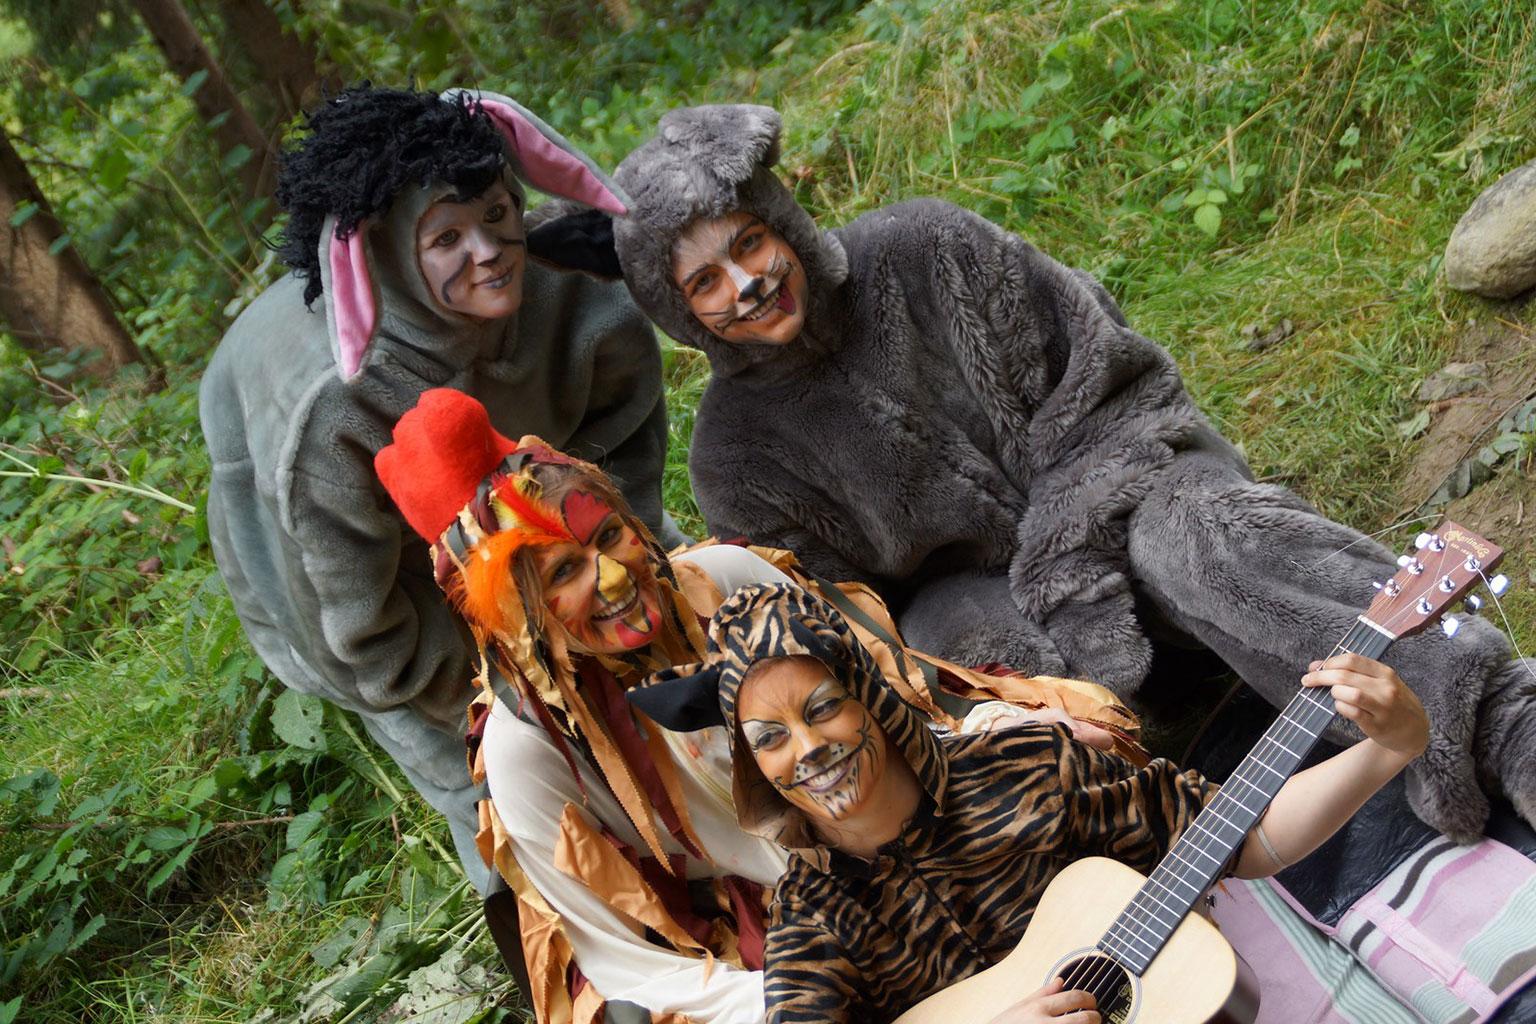 Sagen und m rchenfestival zauberwald for Alpina ka chen und badfarbe